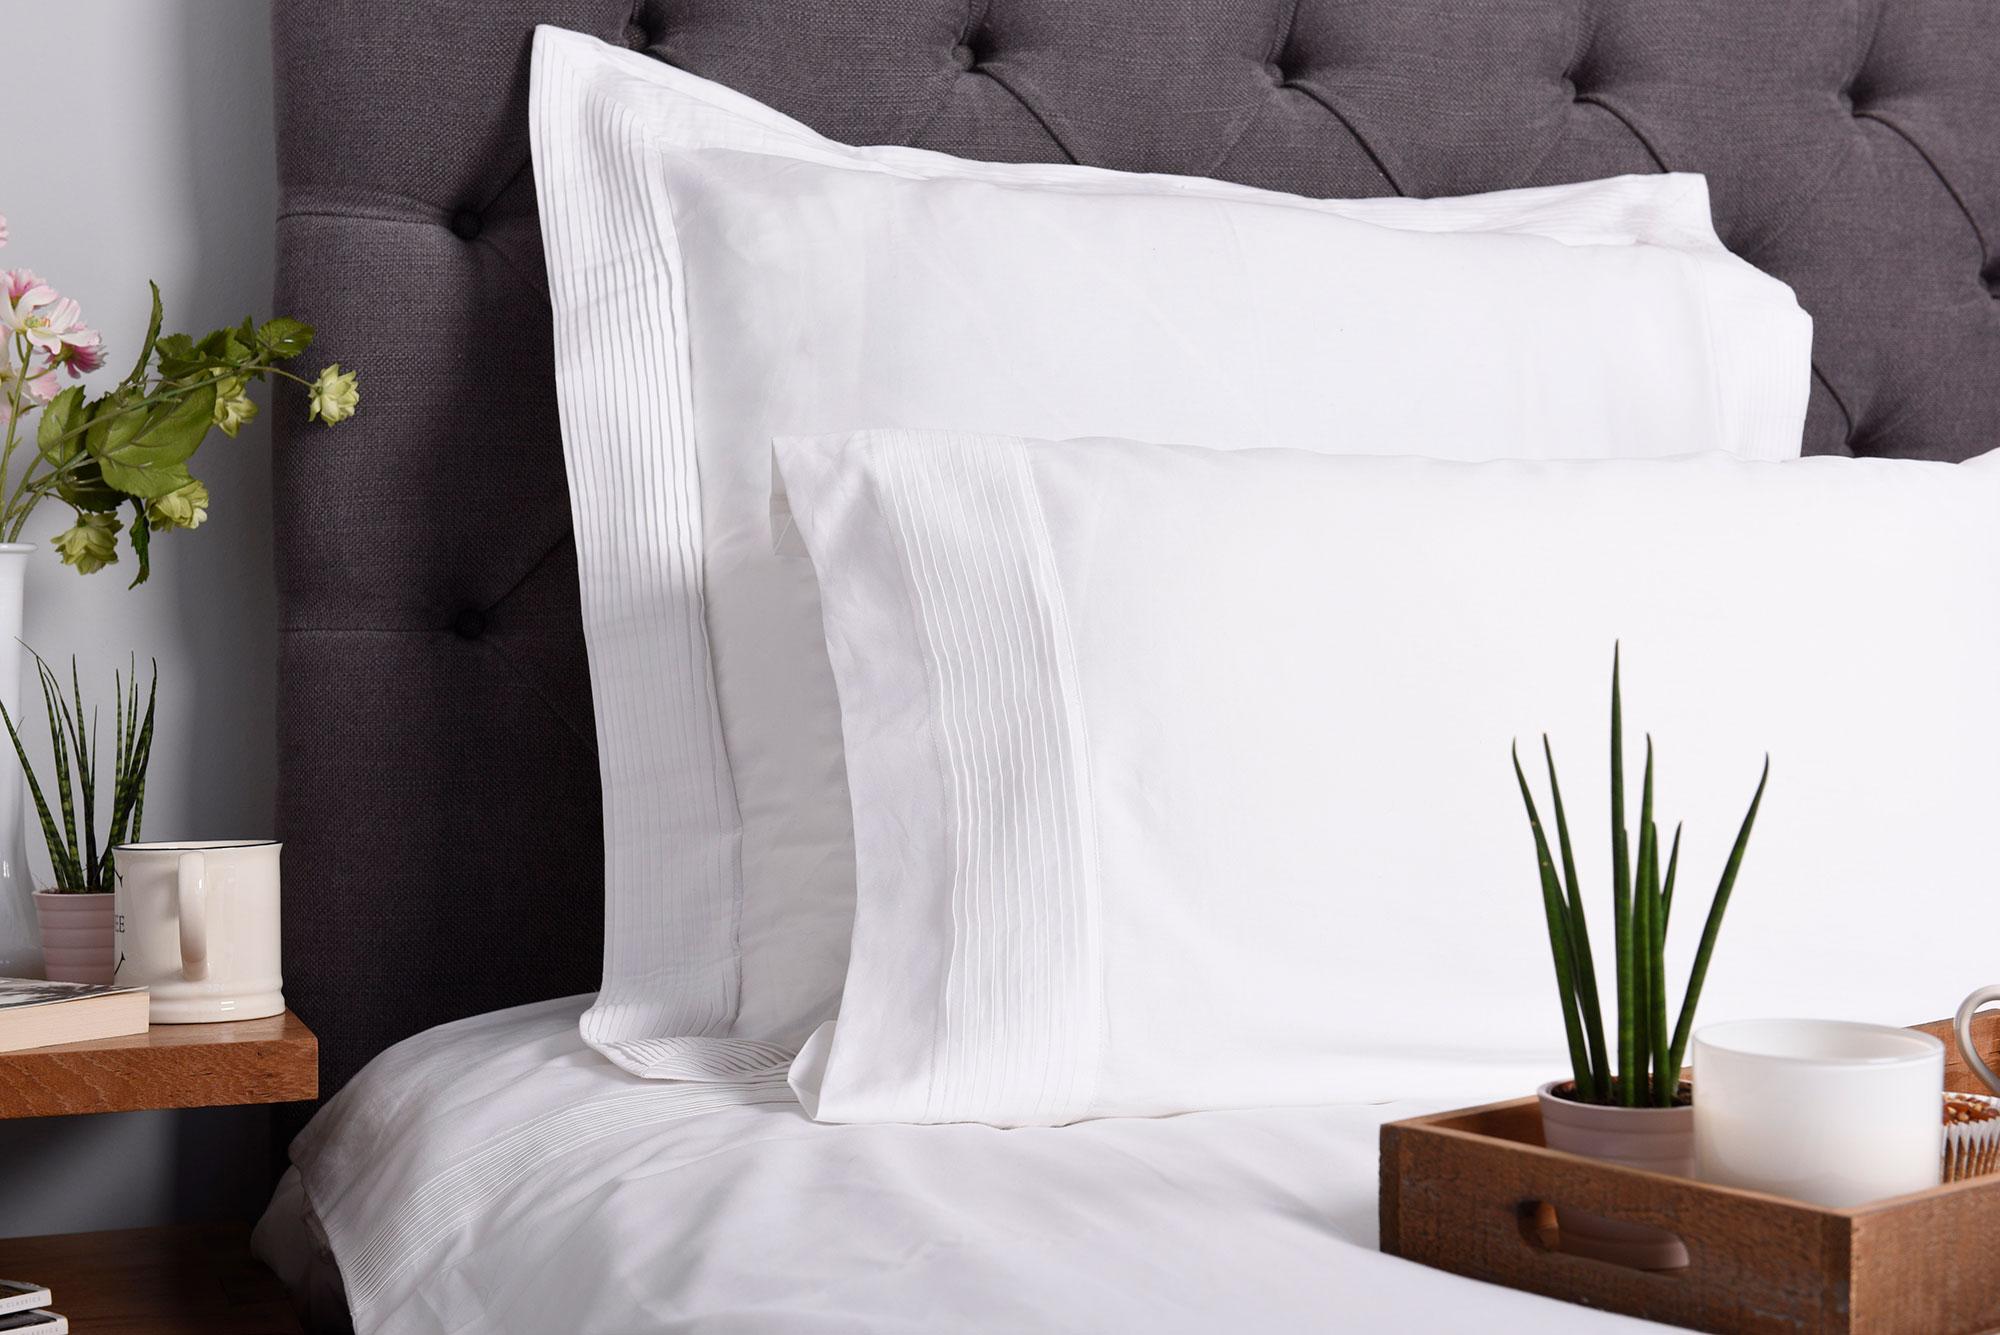 ARA white bedding